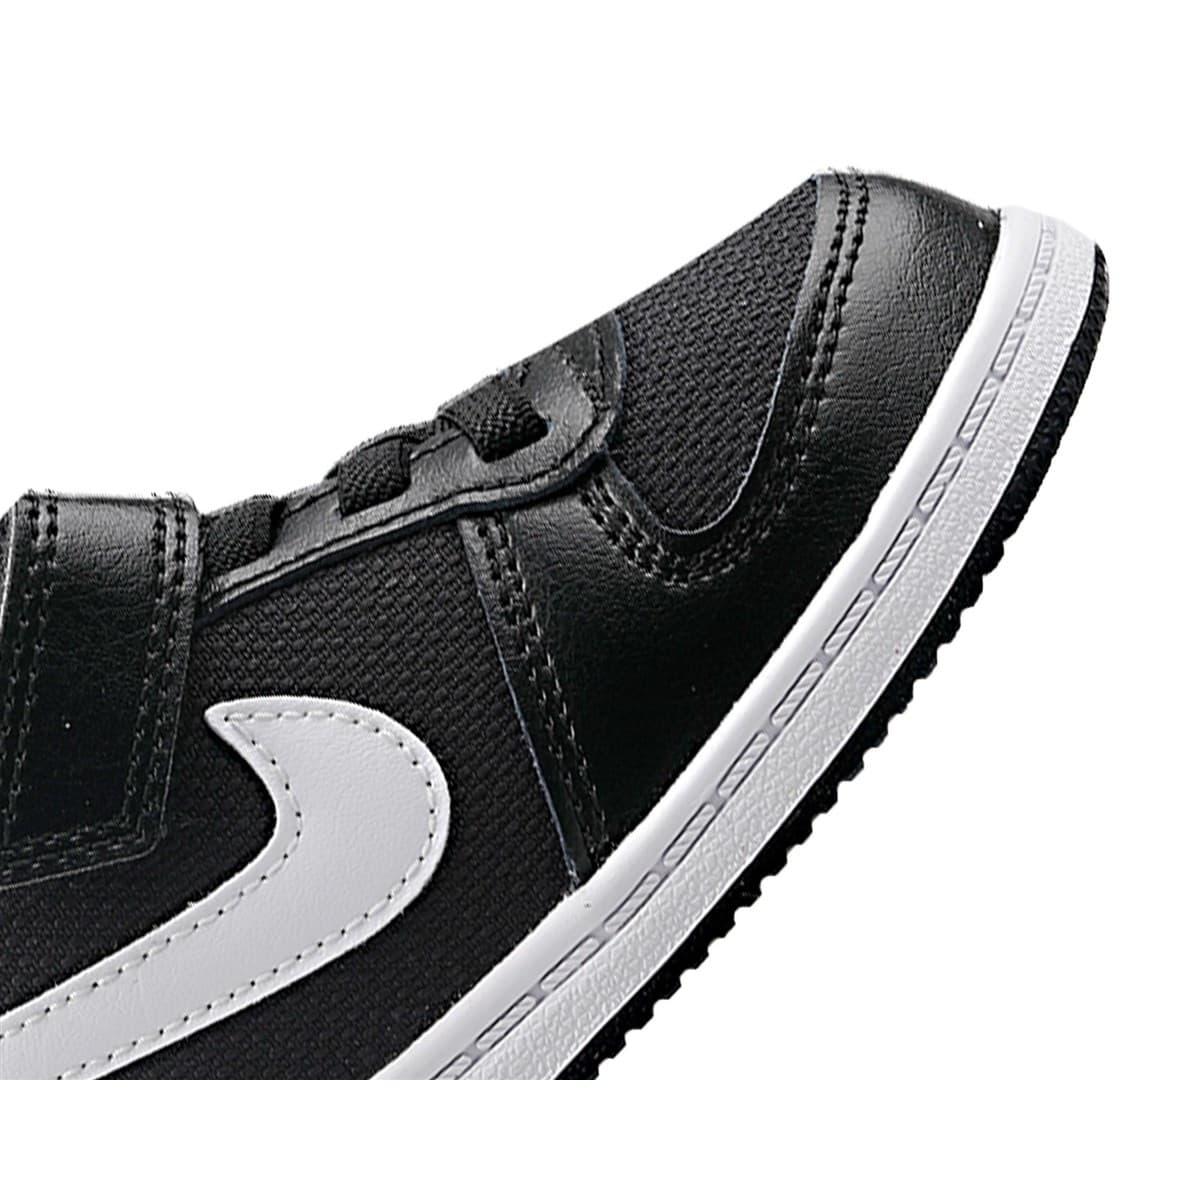 Court Borough Low Pe Çocuk Siyah Spor Ayakkabı (CD8515-002)